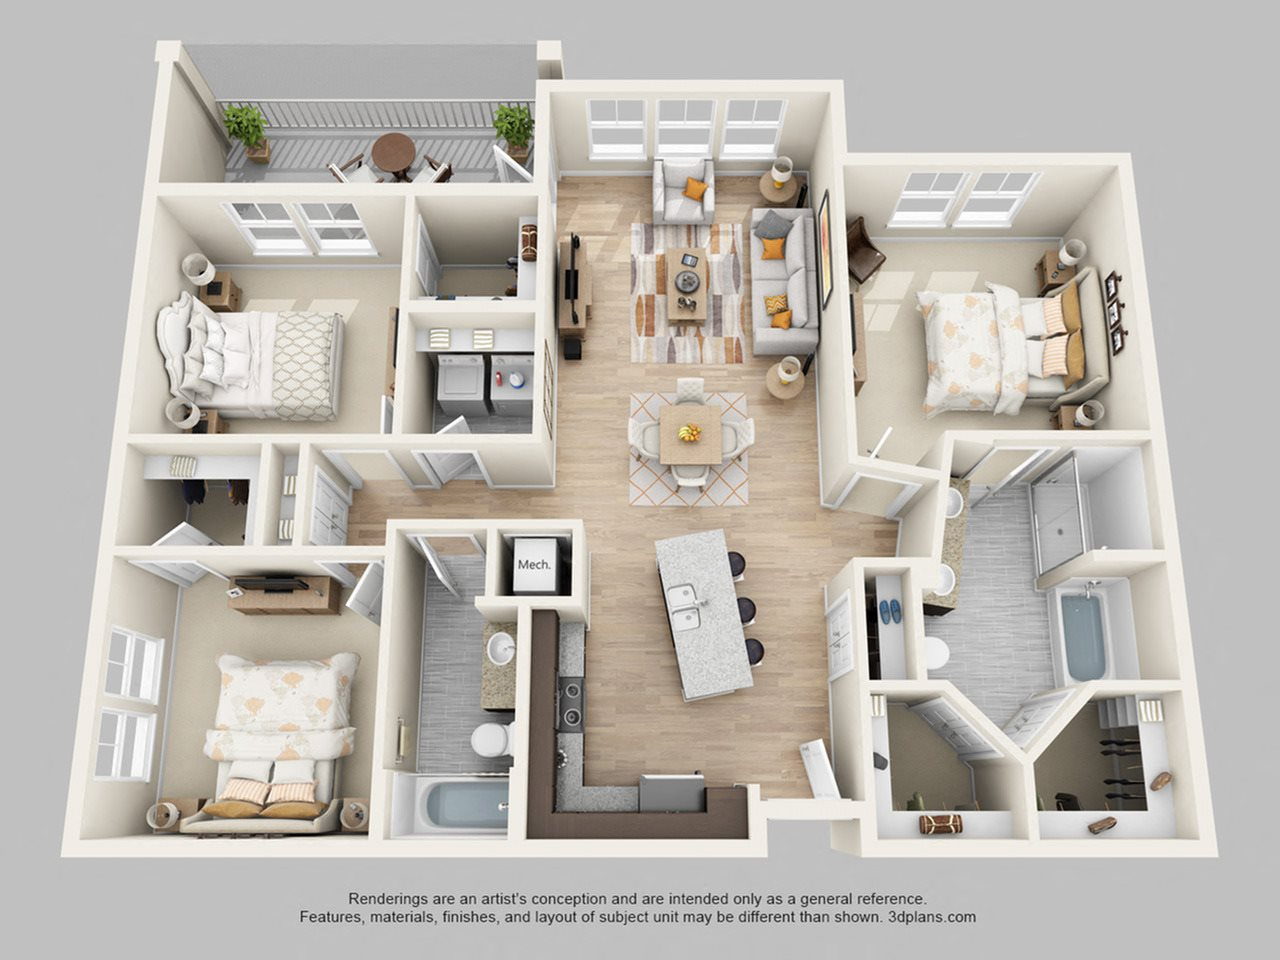 1 2 3 bedroom apartments in orlando fl lake vue - 3 bedroom apartments in orlando fl ...